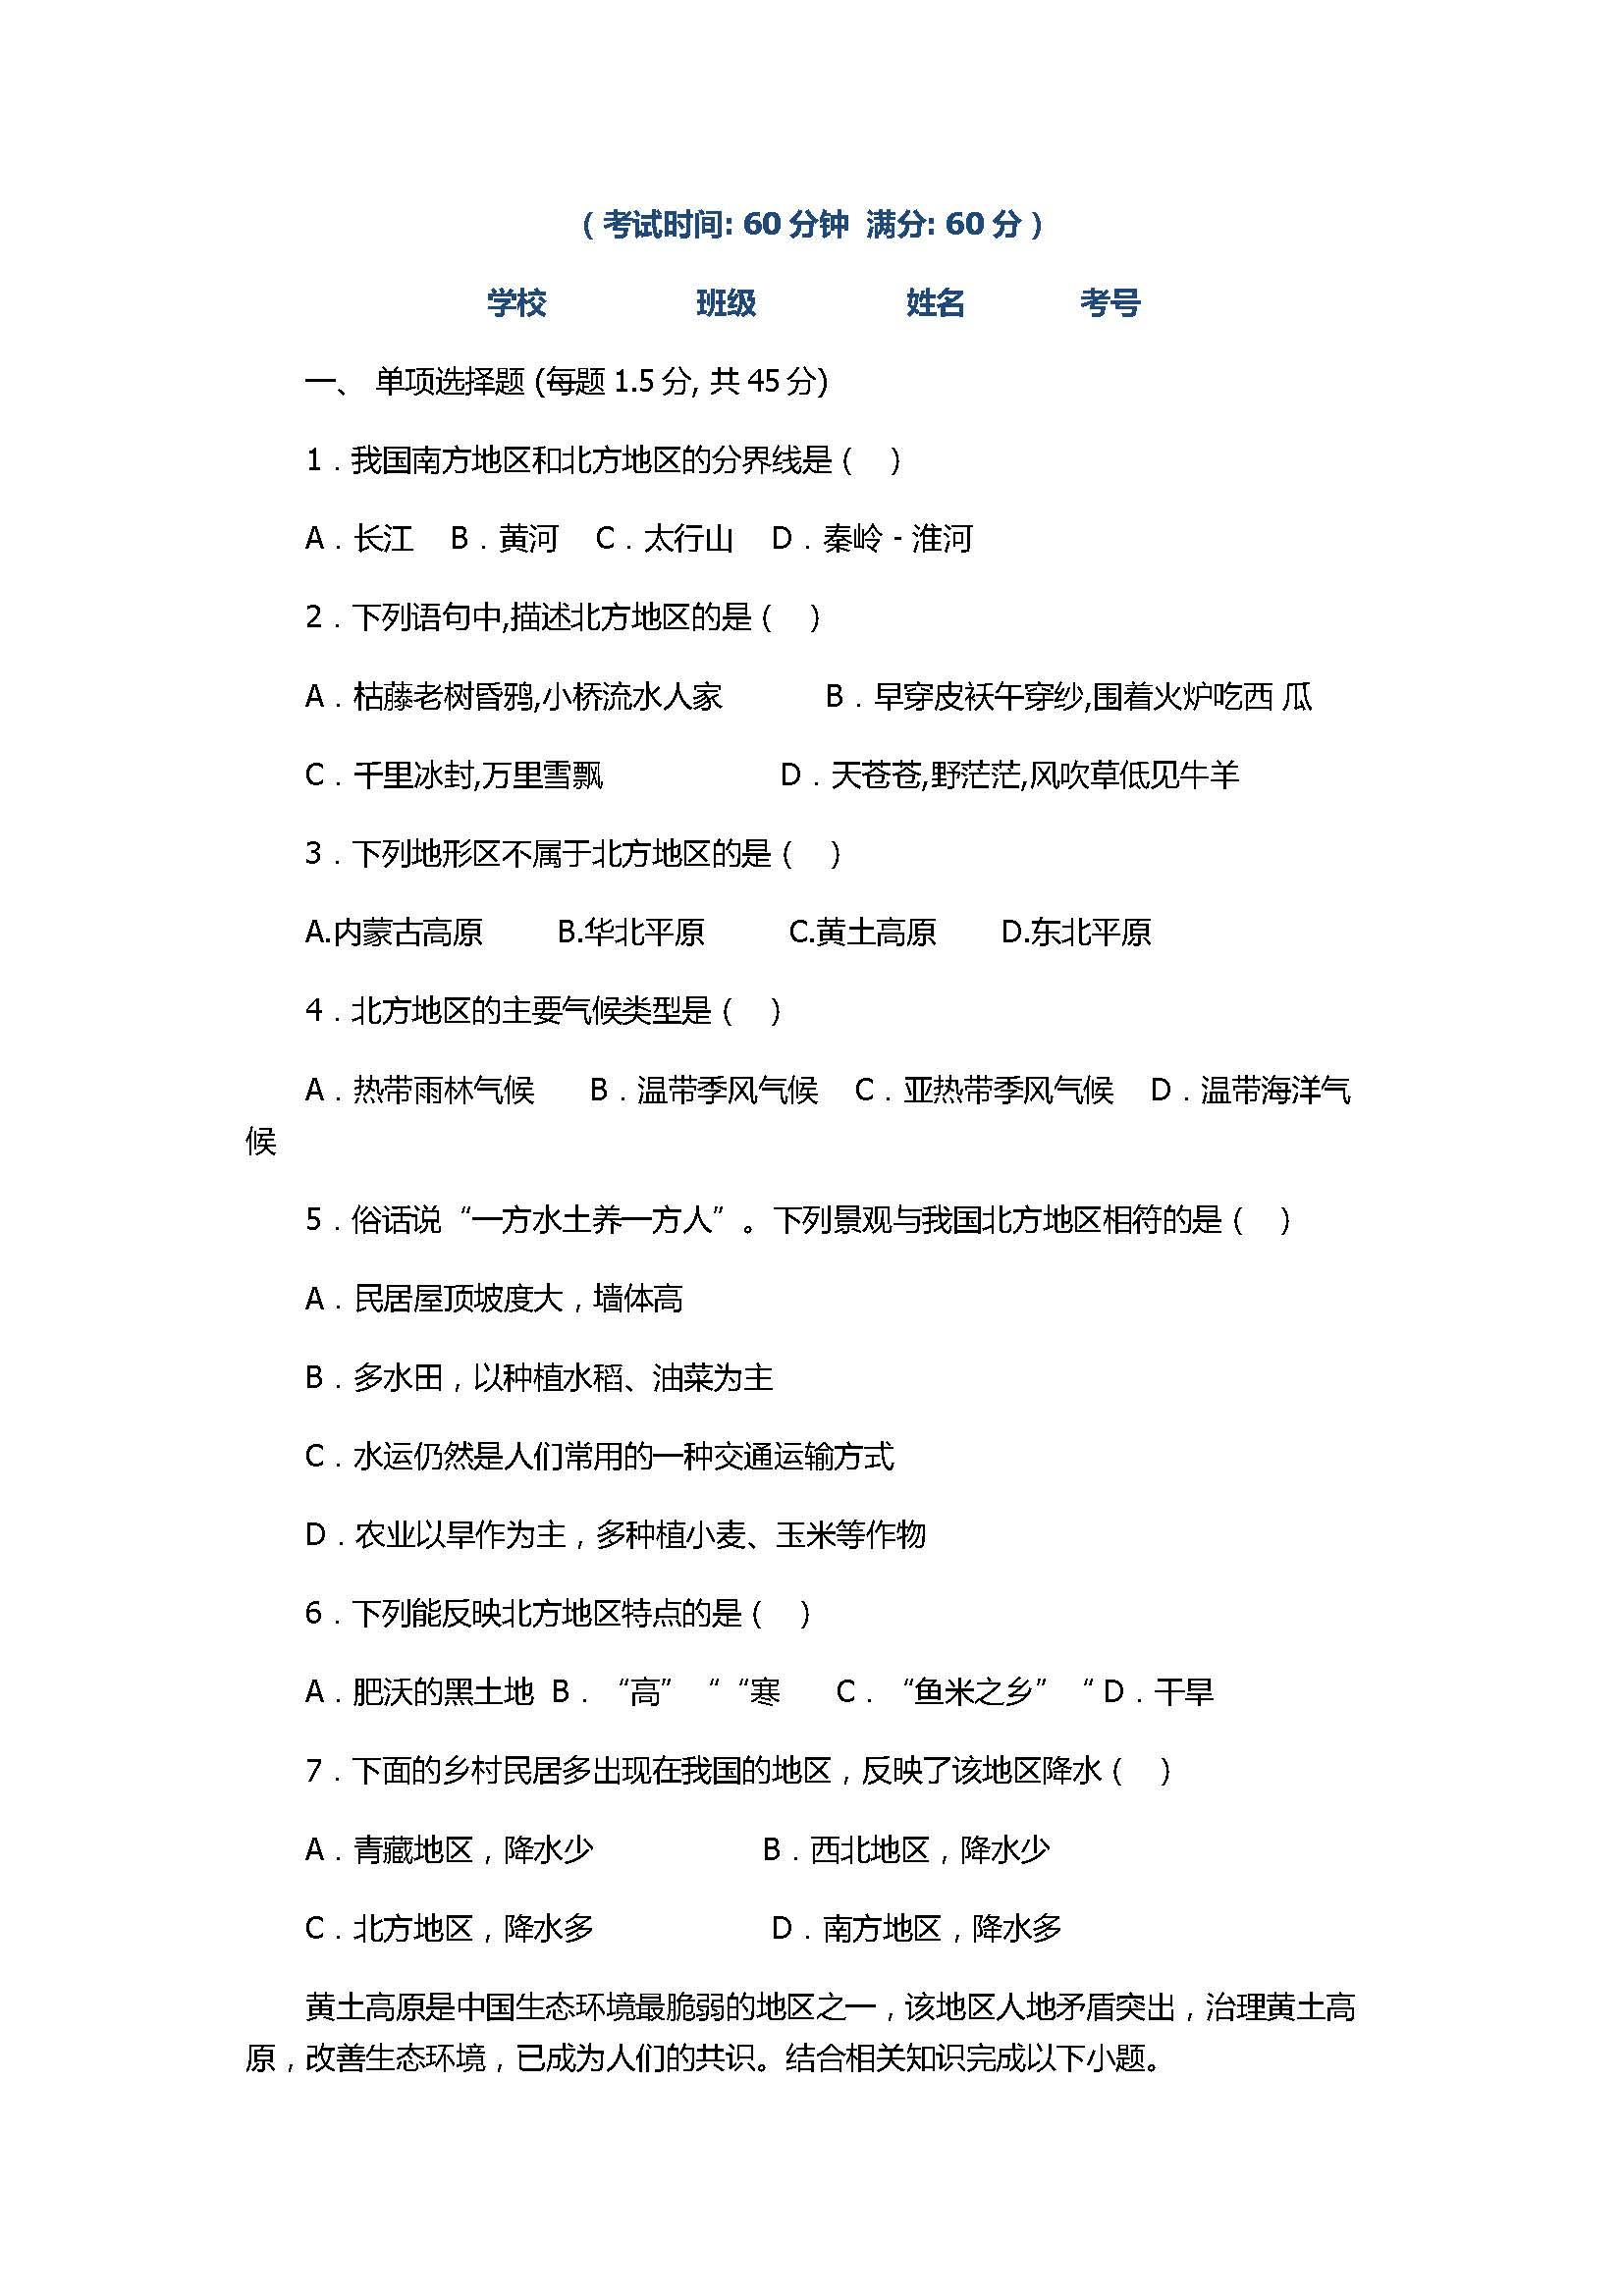 2017八年级地理下册月考试卷带参考答案(广安市酉溪区)